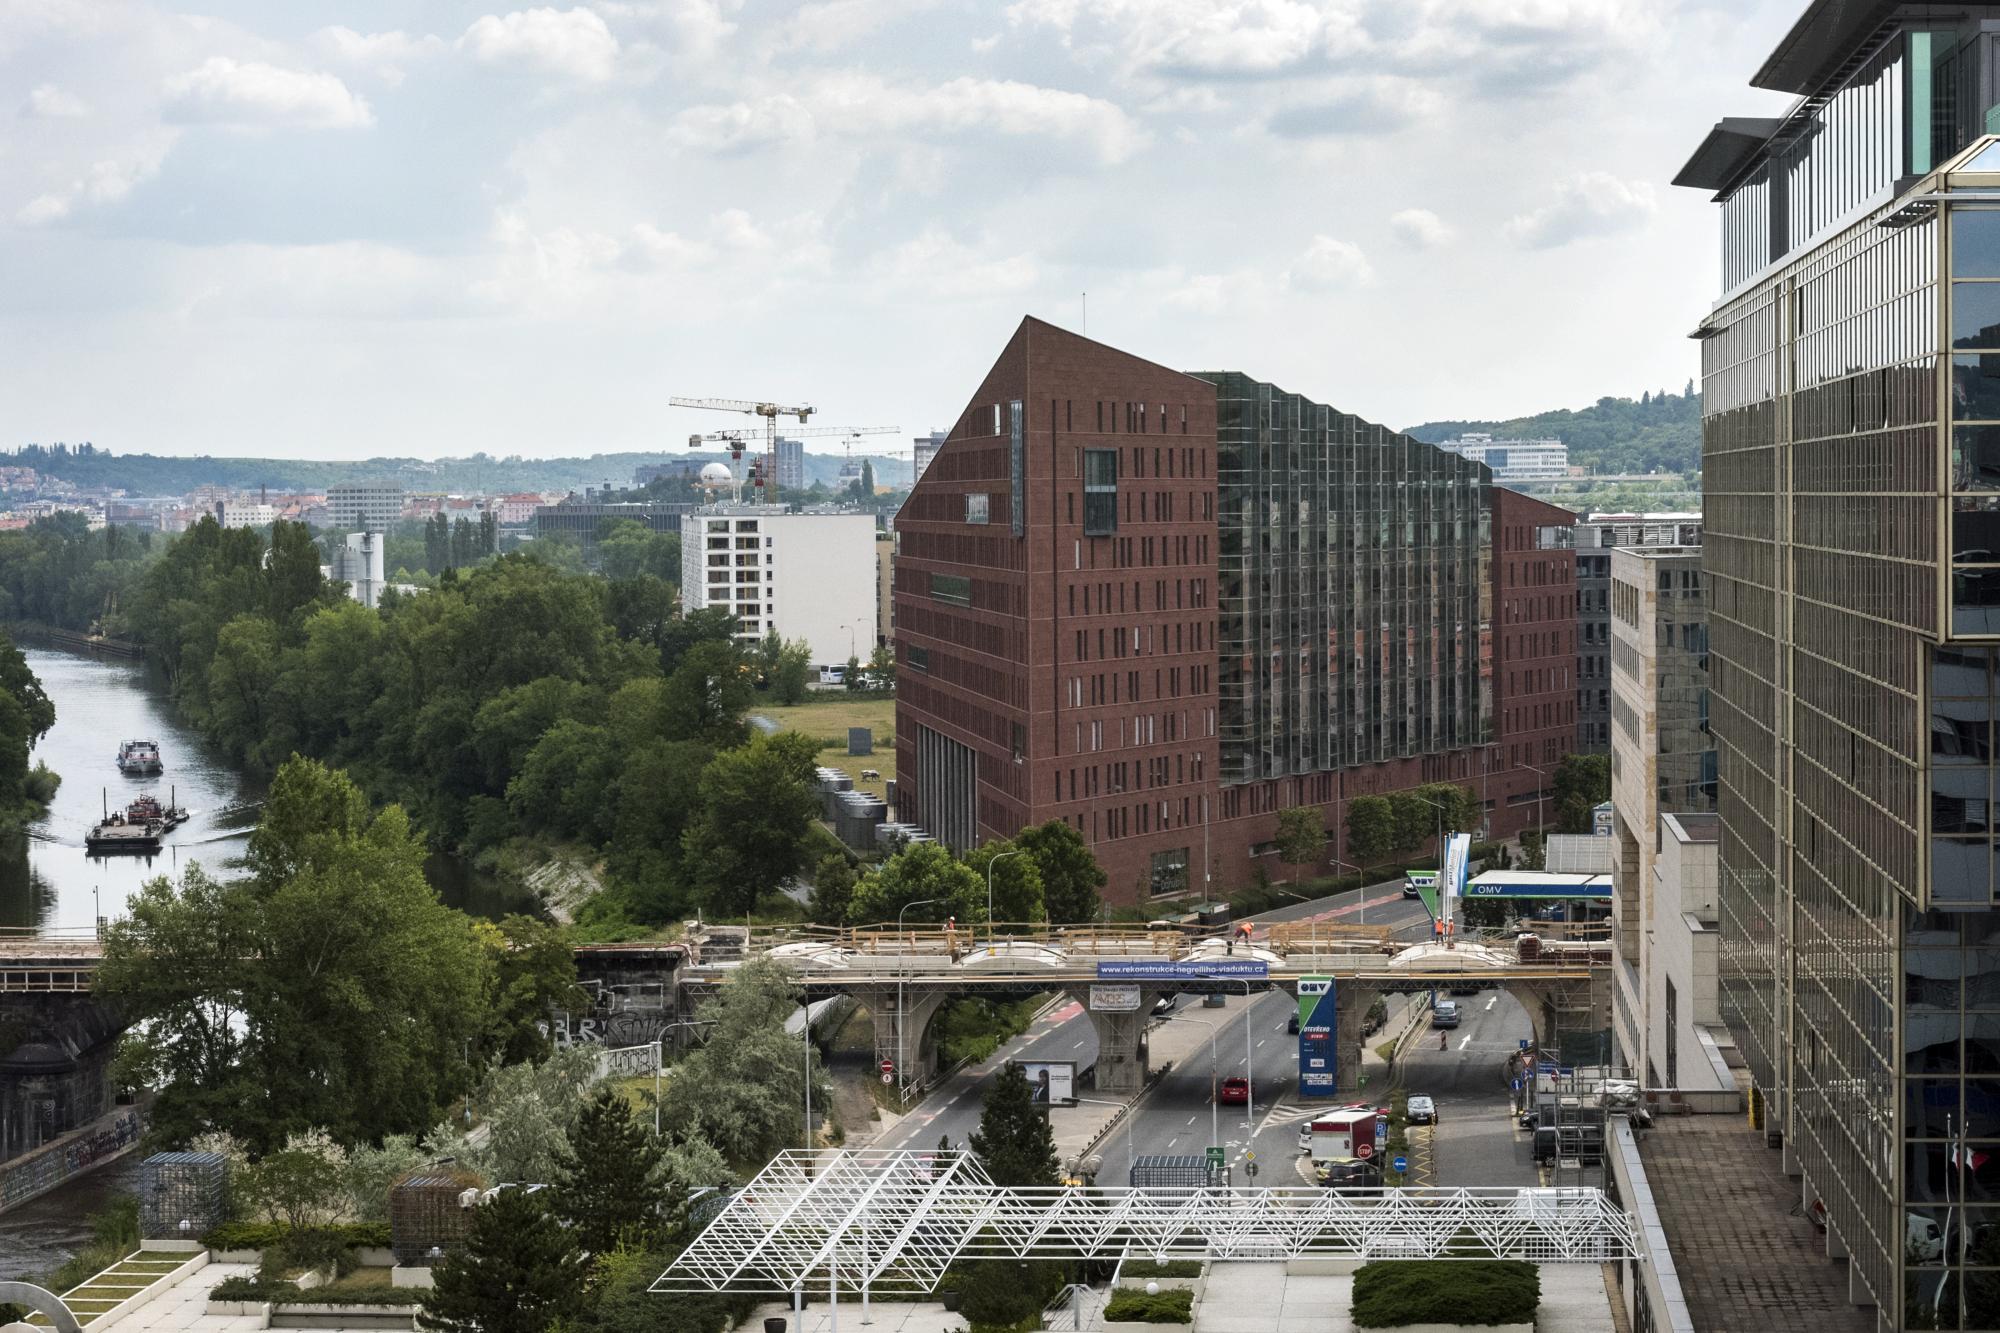 Negrelliho viadukt v rekonstrukci a pohled na Vltavu